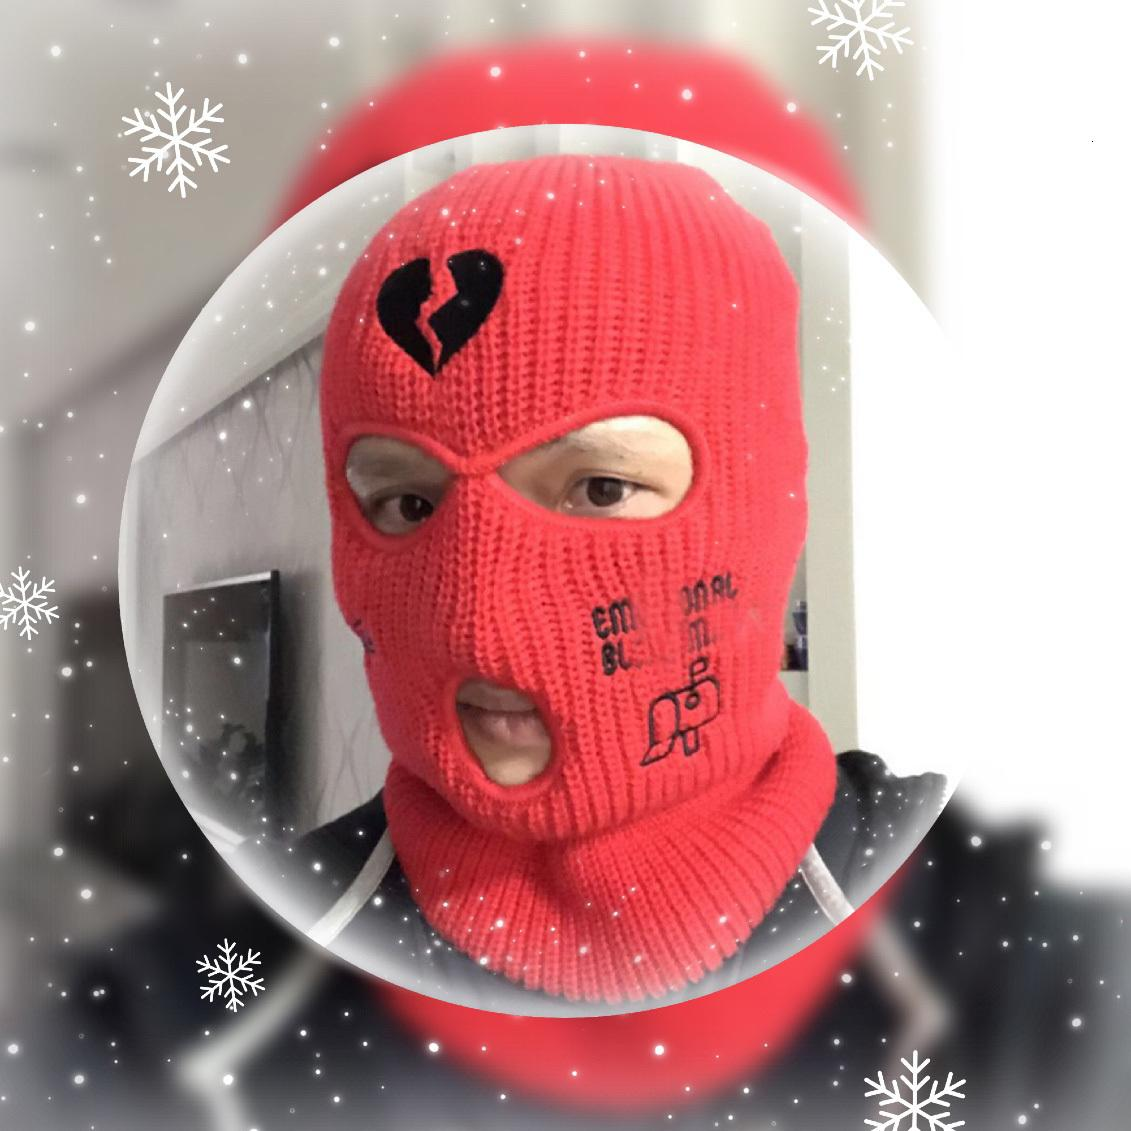 네온 Balaclava 3 홀 스키 마스크 전술 마스크 전체 얼굴 겨울 모자 할로윈 파티 마스크 제한 자 수 최고 품질의 도매 공장